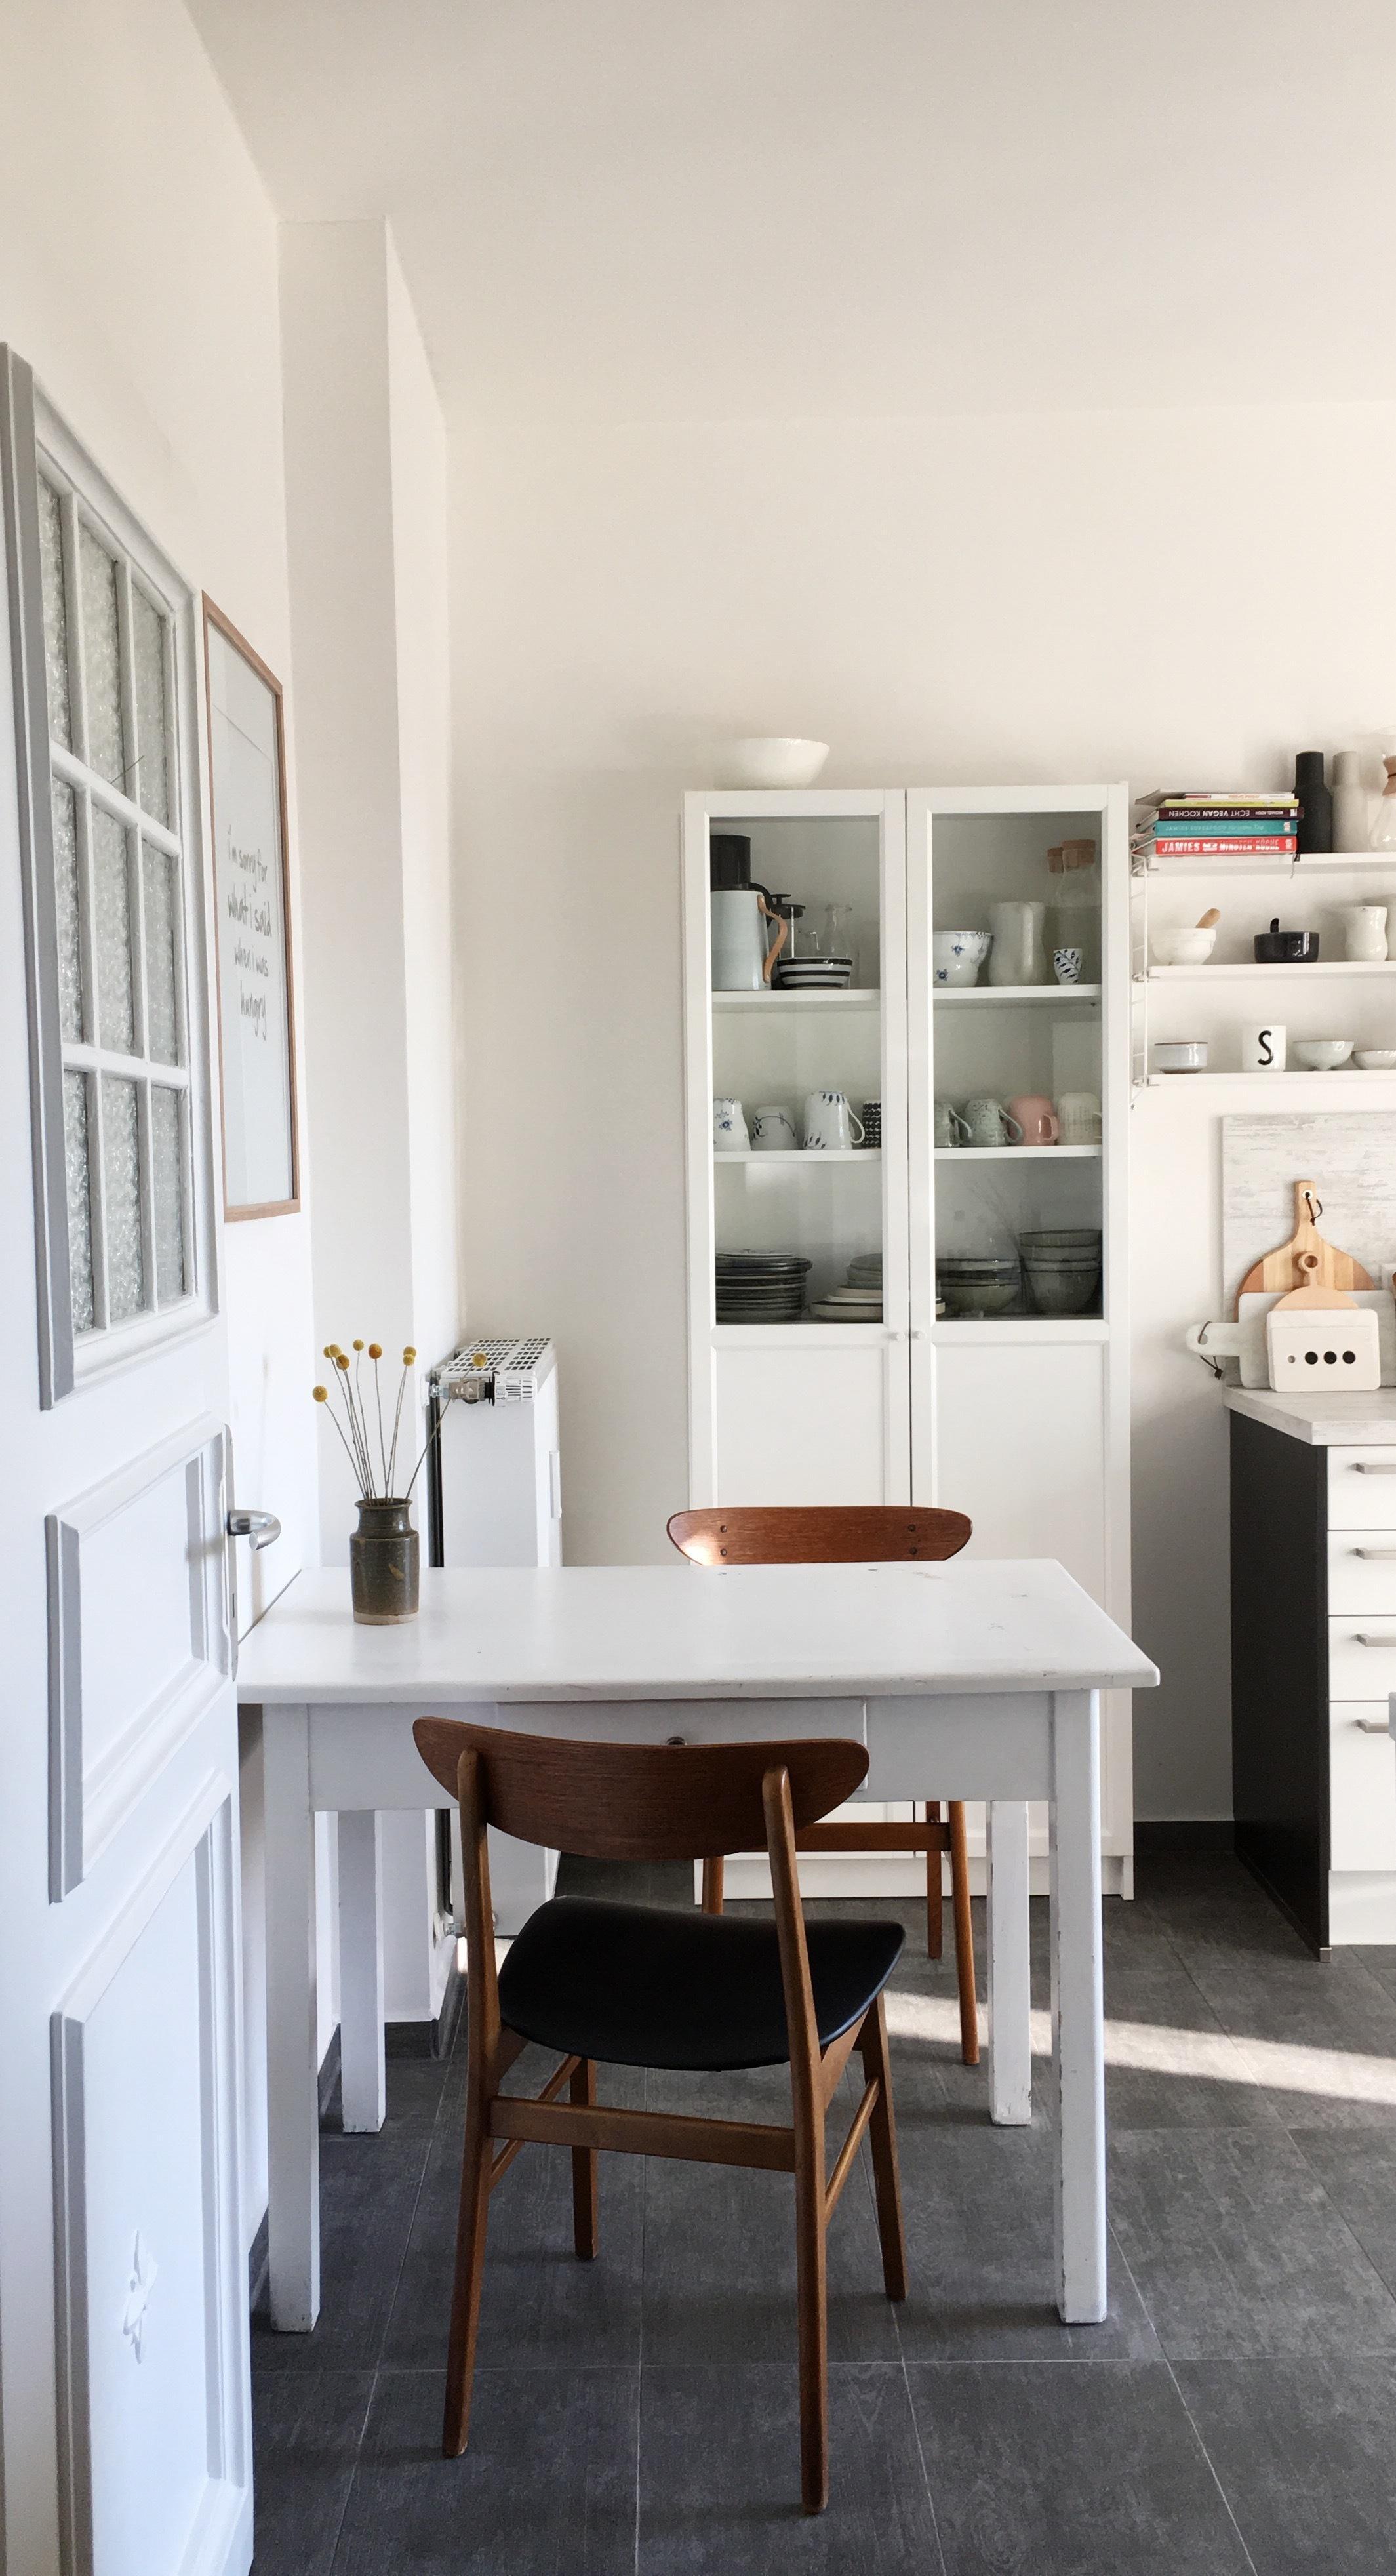 Ziemlich Billige Küchenstühle Walmart Bilder - Küchenschrank Ideen ...